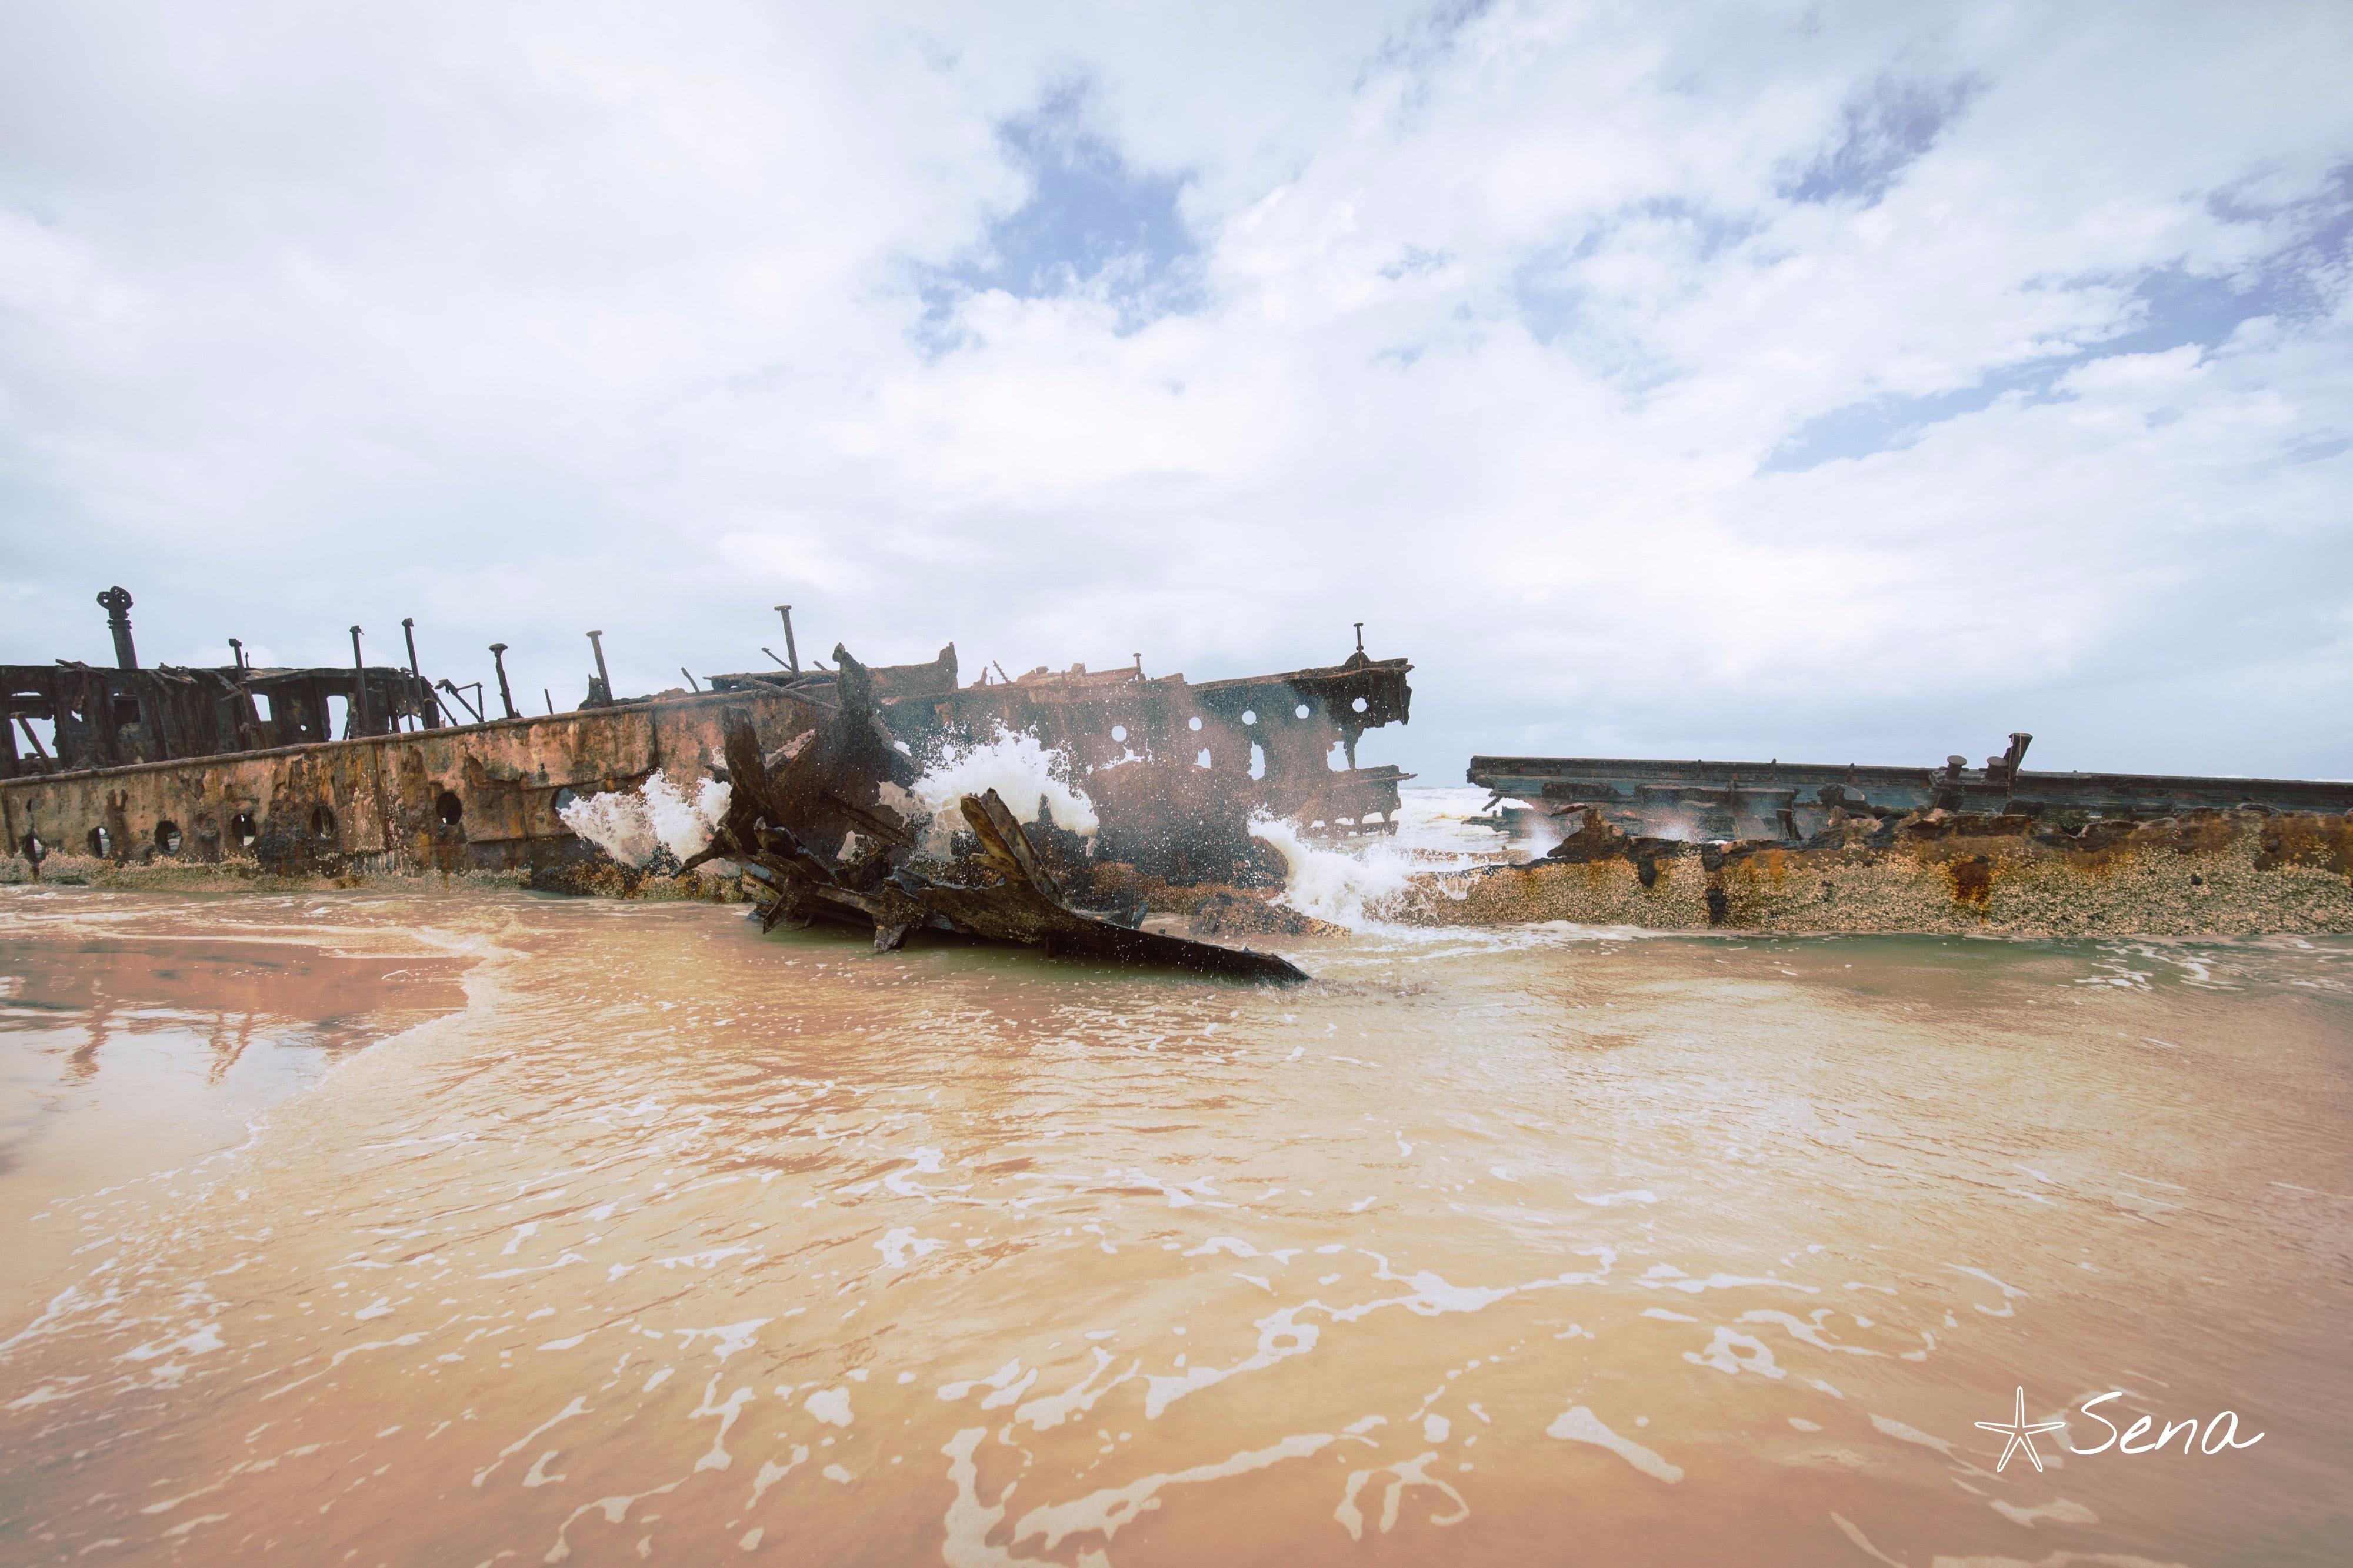 難破船マヒノ号 Maheno Wreckship